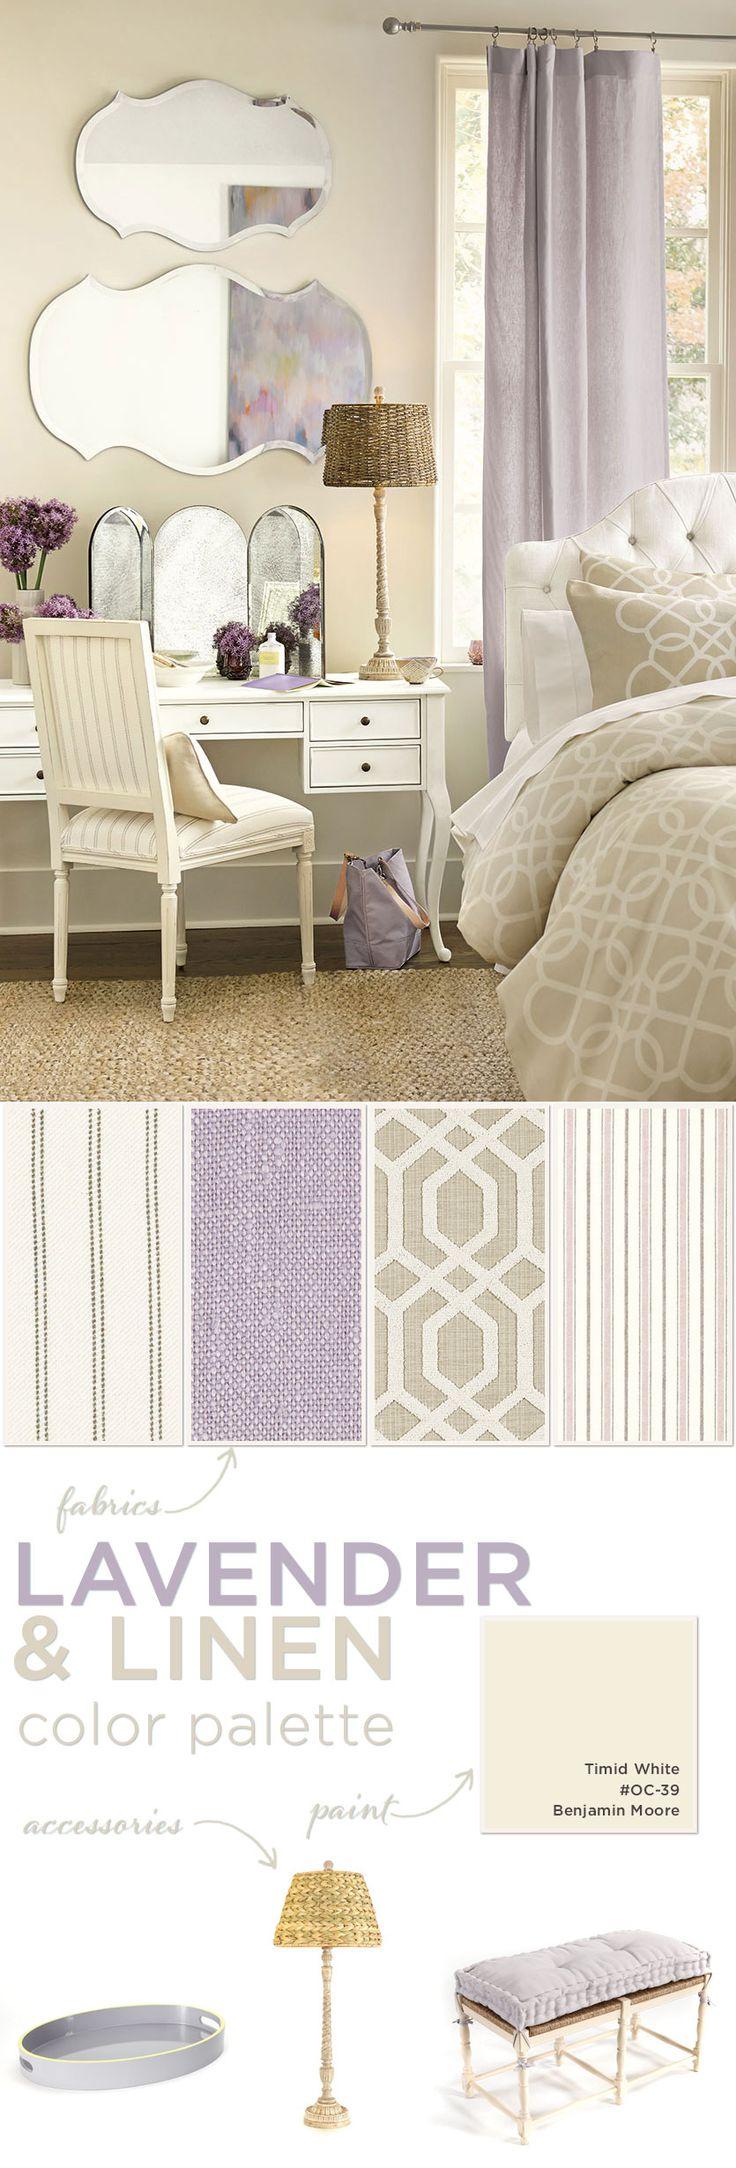 Lavender color palette for bedroom